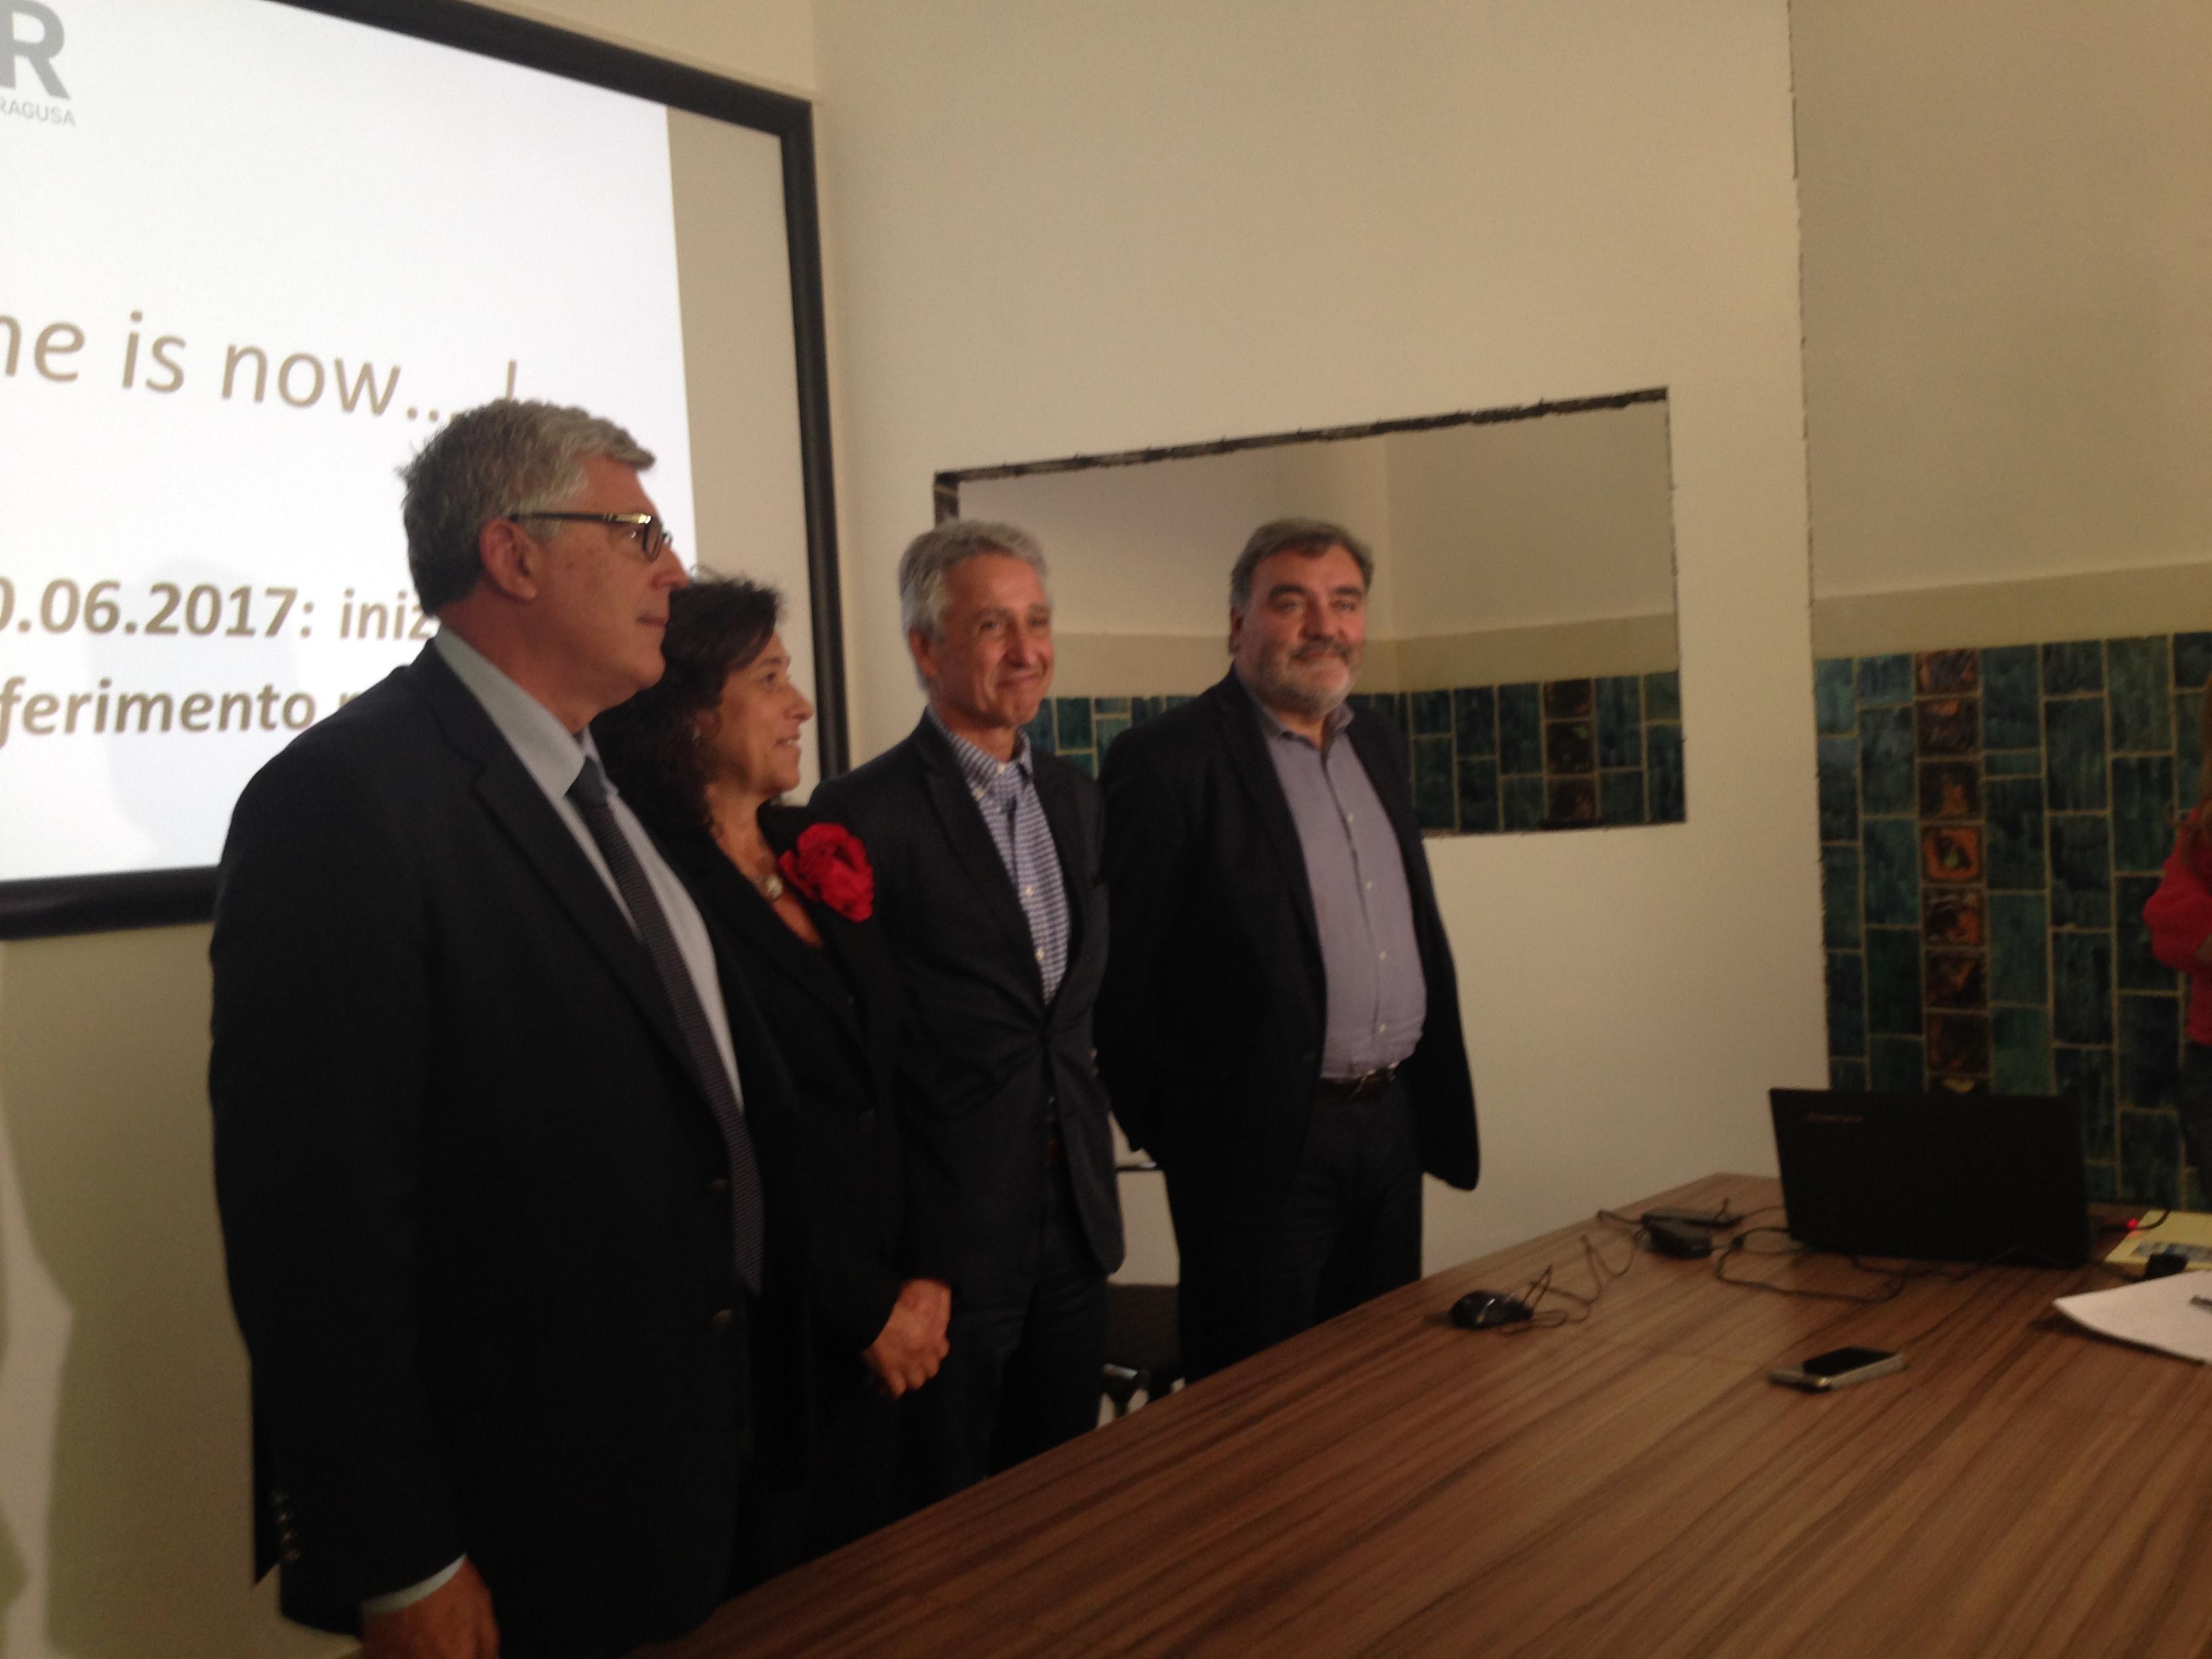 Ragusa, il 26 giugno verrà inaugurato il nuovo ospedale: ci sarà Crocetta